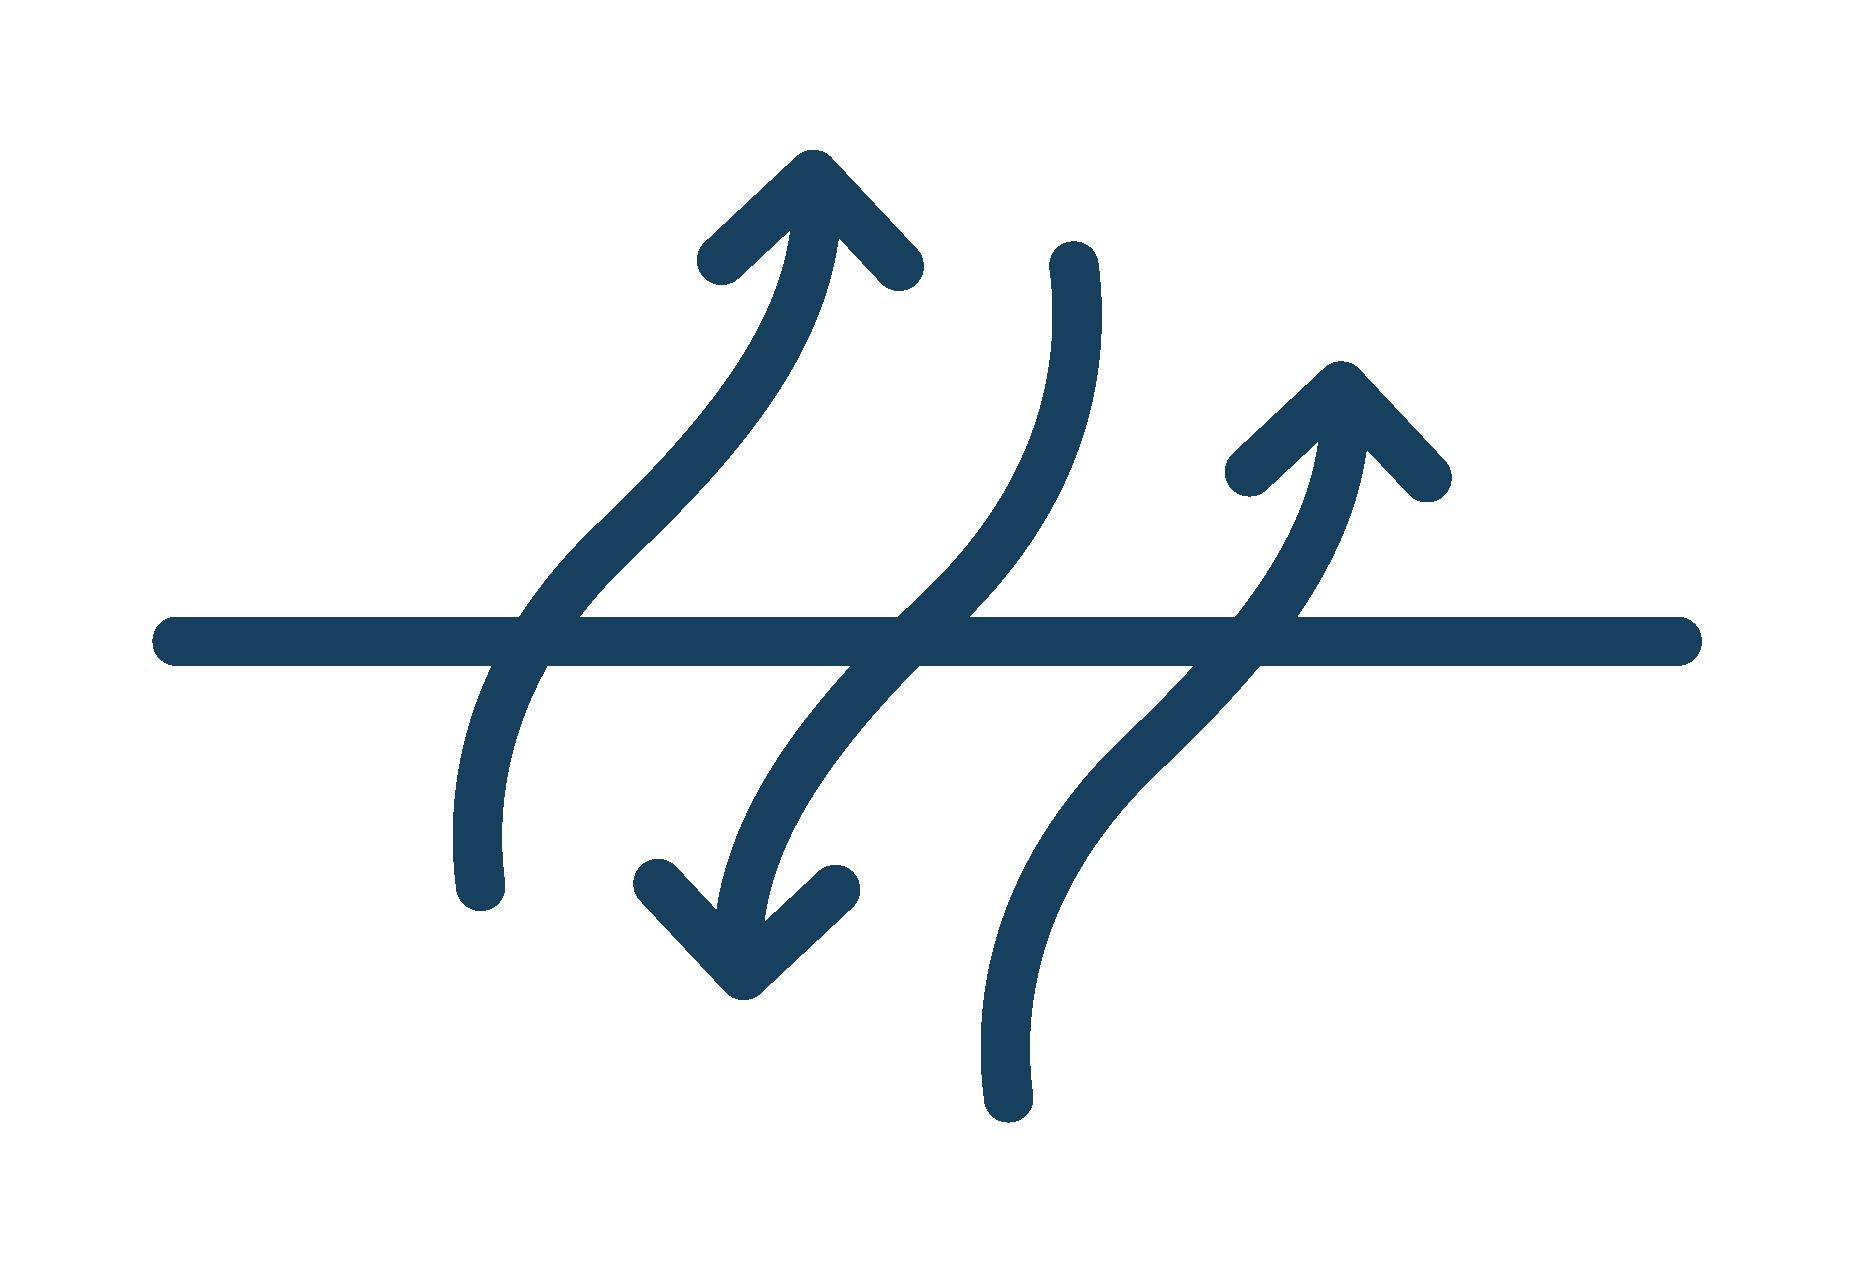 breathable icon